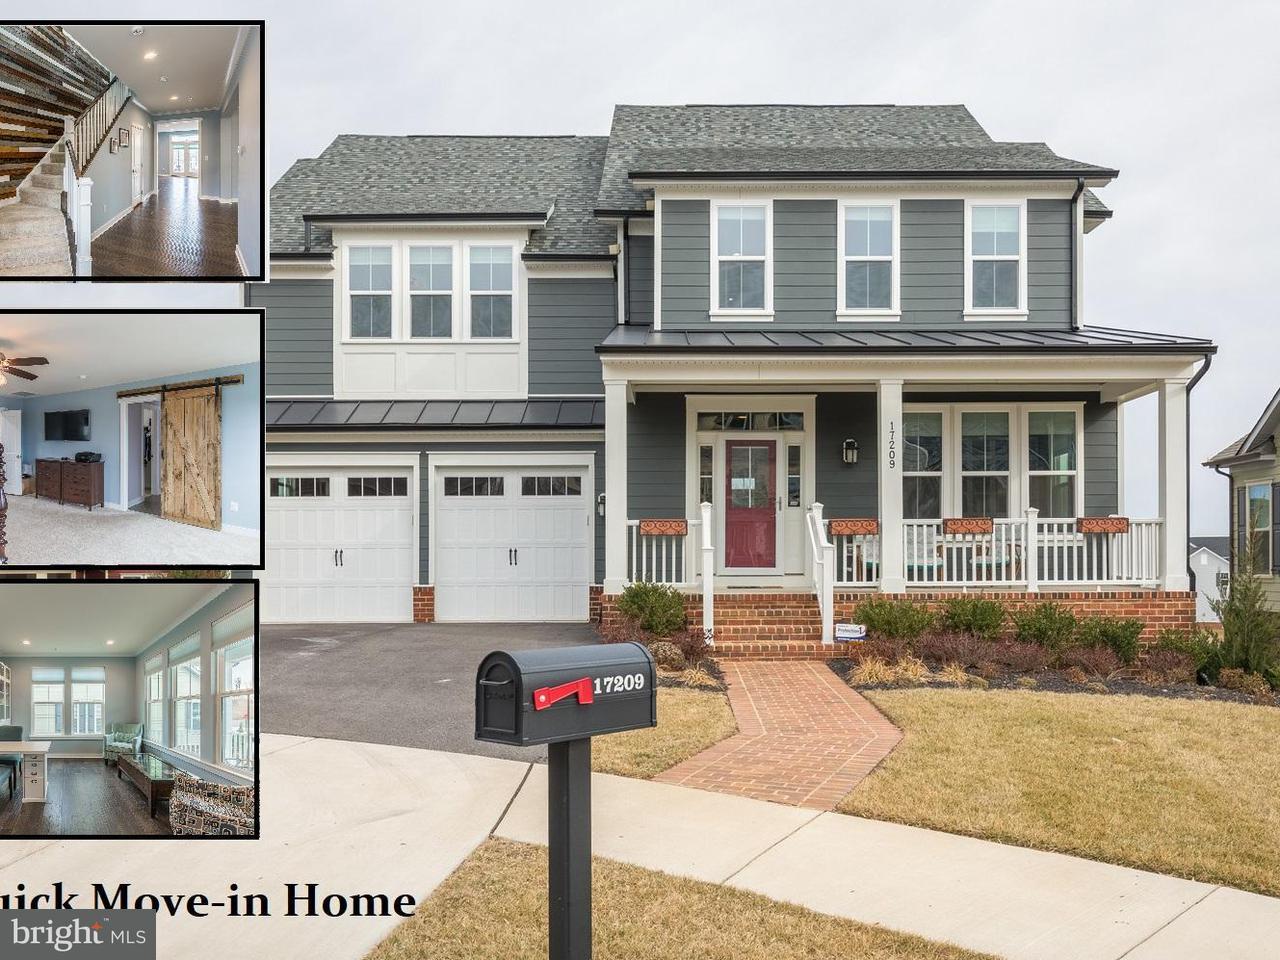 独户住宅 为 销售 在 17209 Flatstick Court 17209 Flatstick Court Dumfries, 弗吉尼亚州 22026 美国